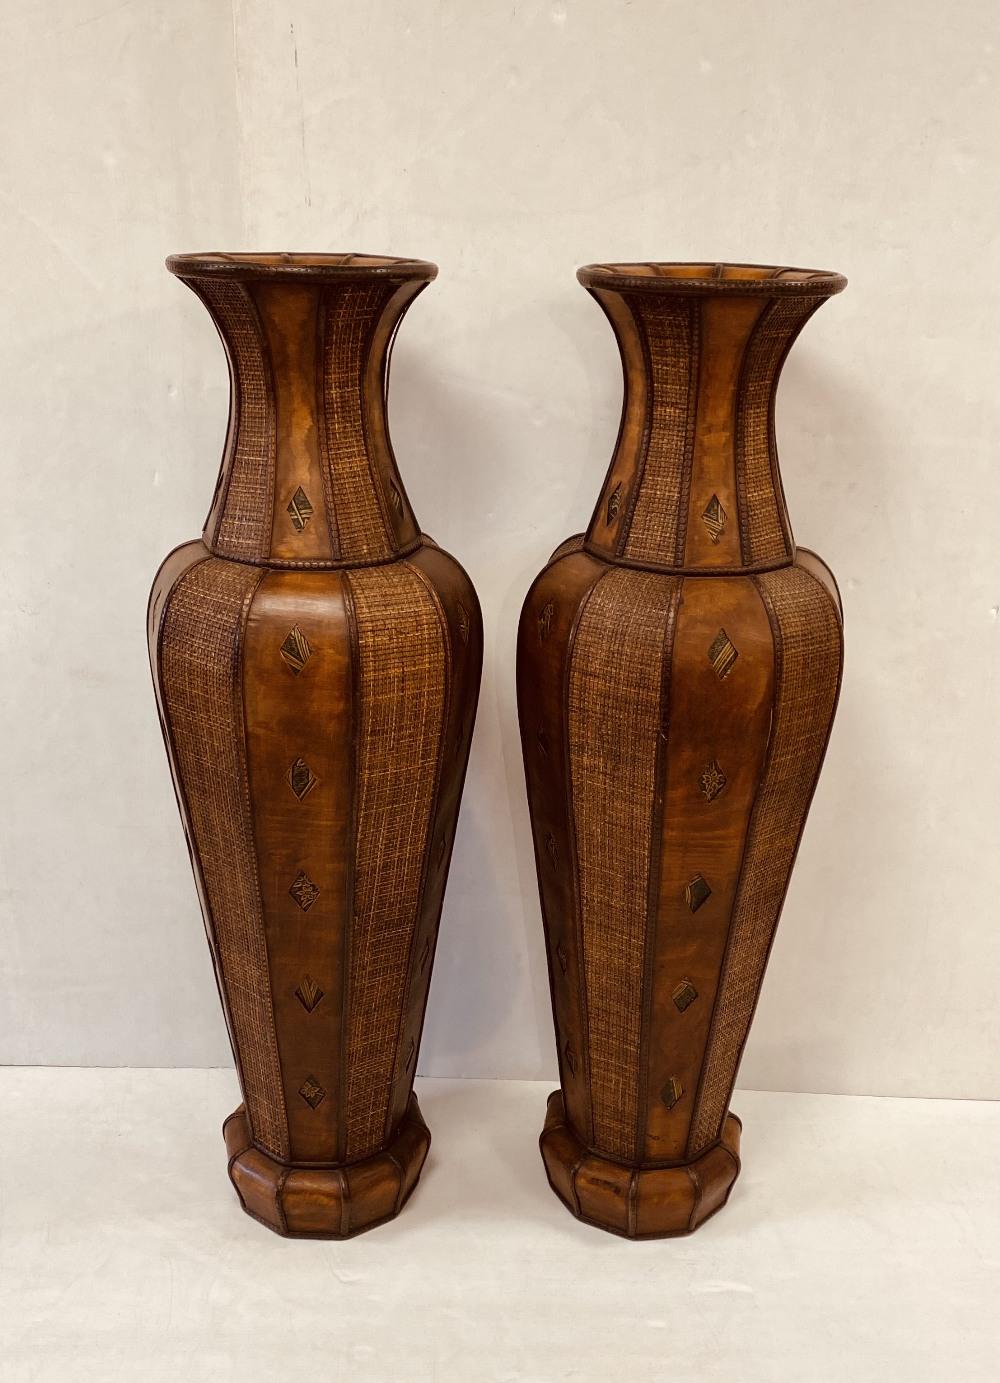 Unusual Pair of Basket Style Tall Vases 128cm H x 42cm Diam